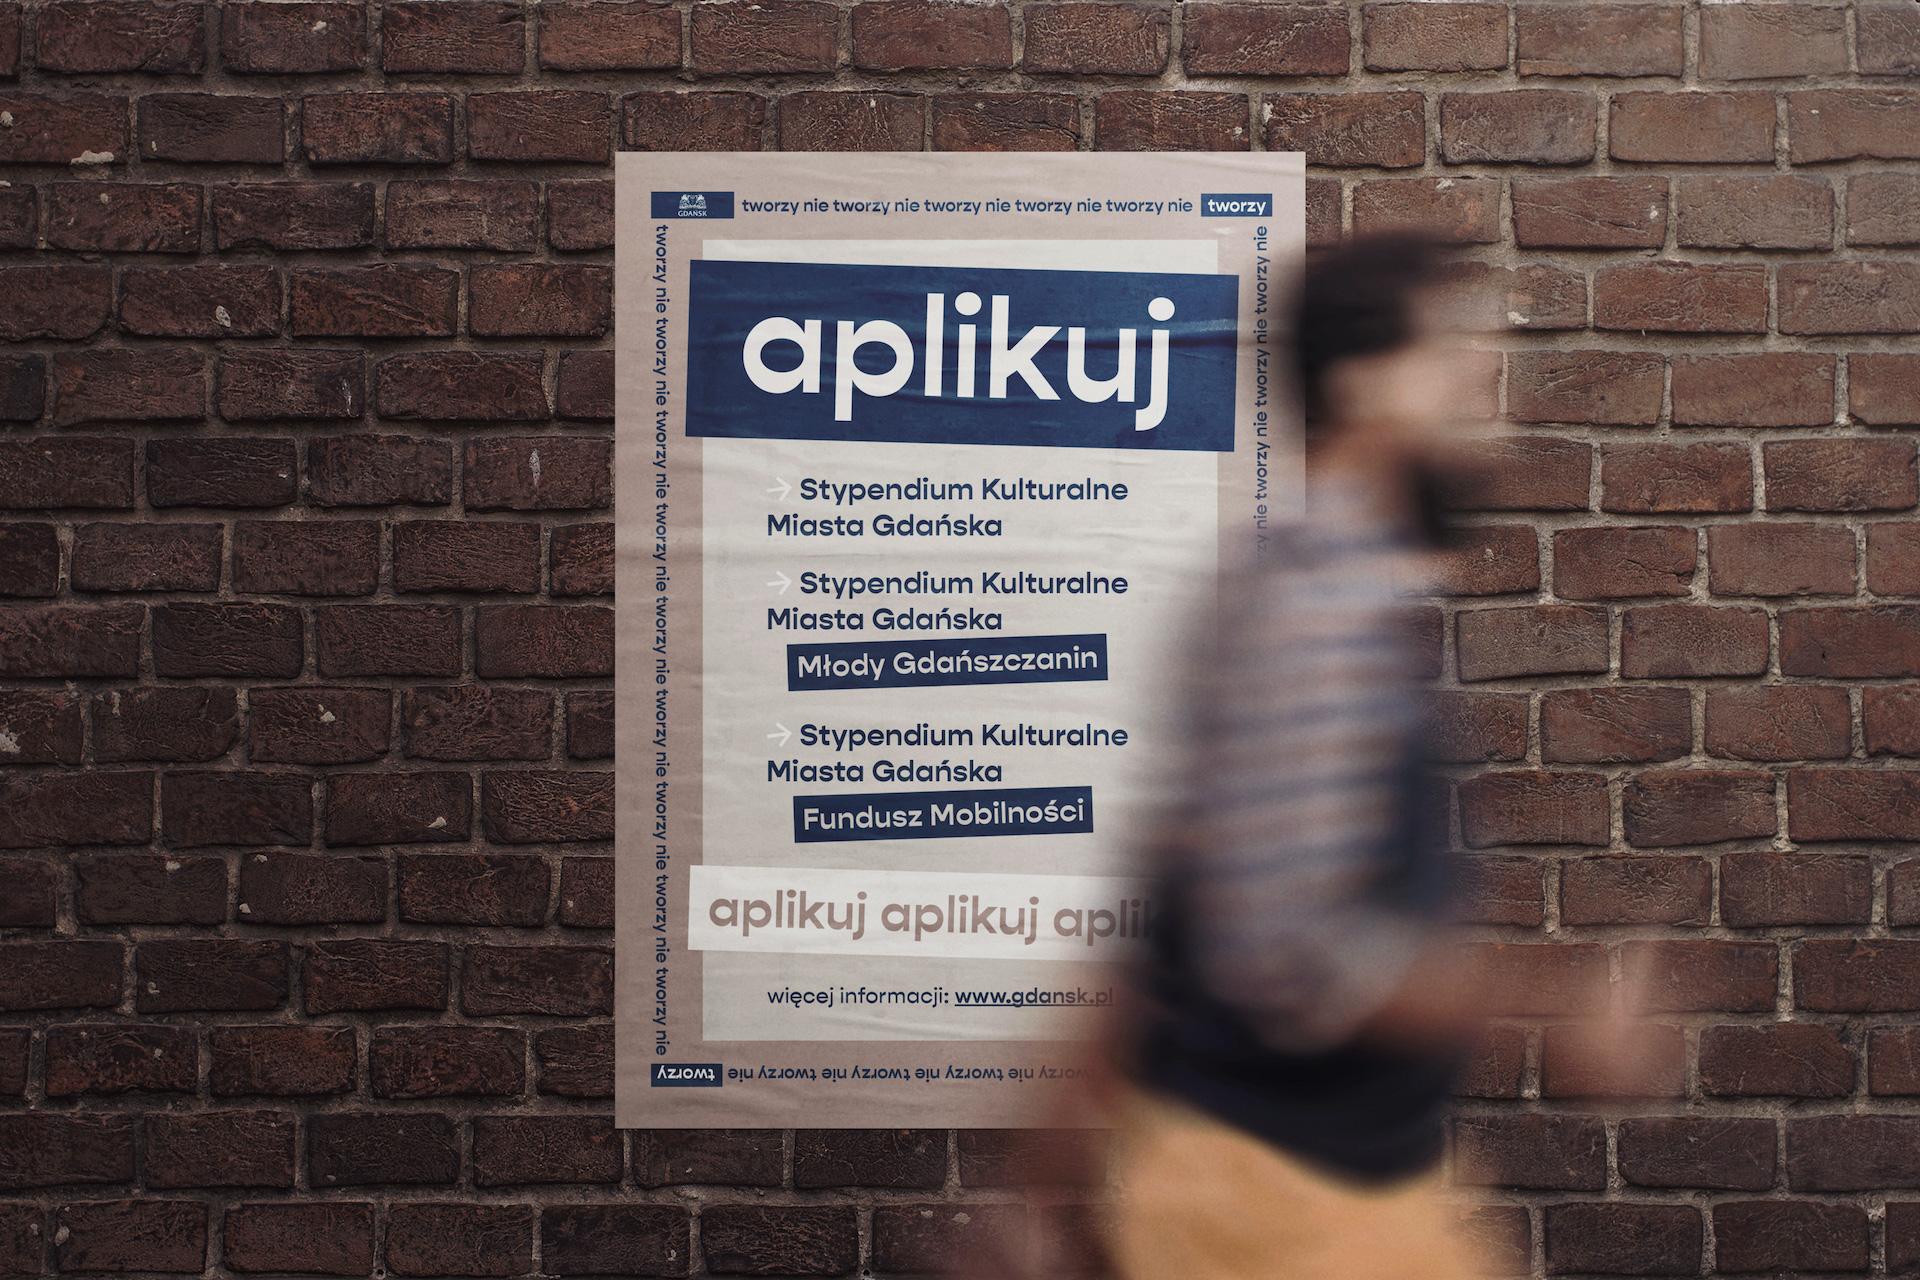 Gdańsk Trójmiasto studio Spectro plakat artystyczny